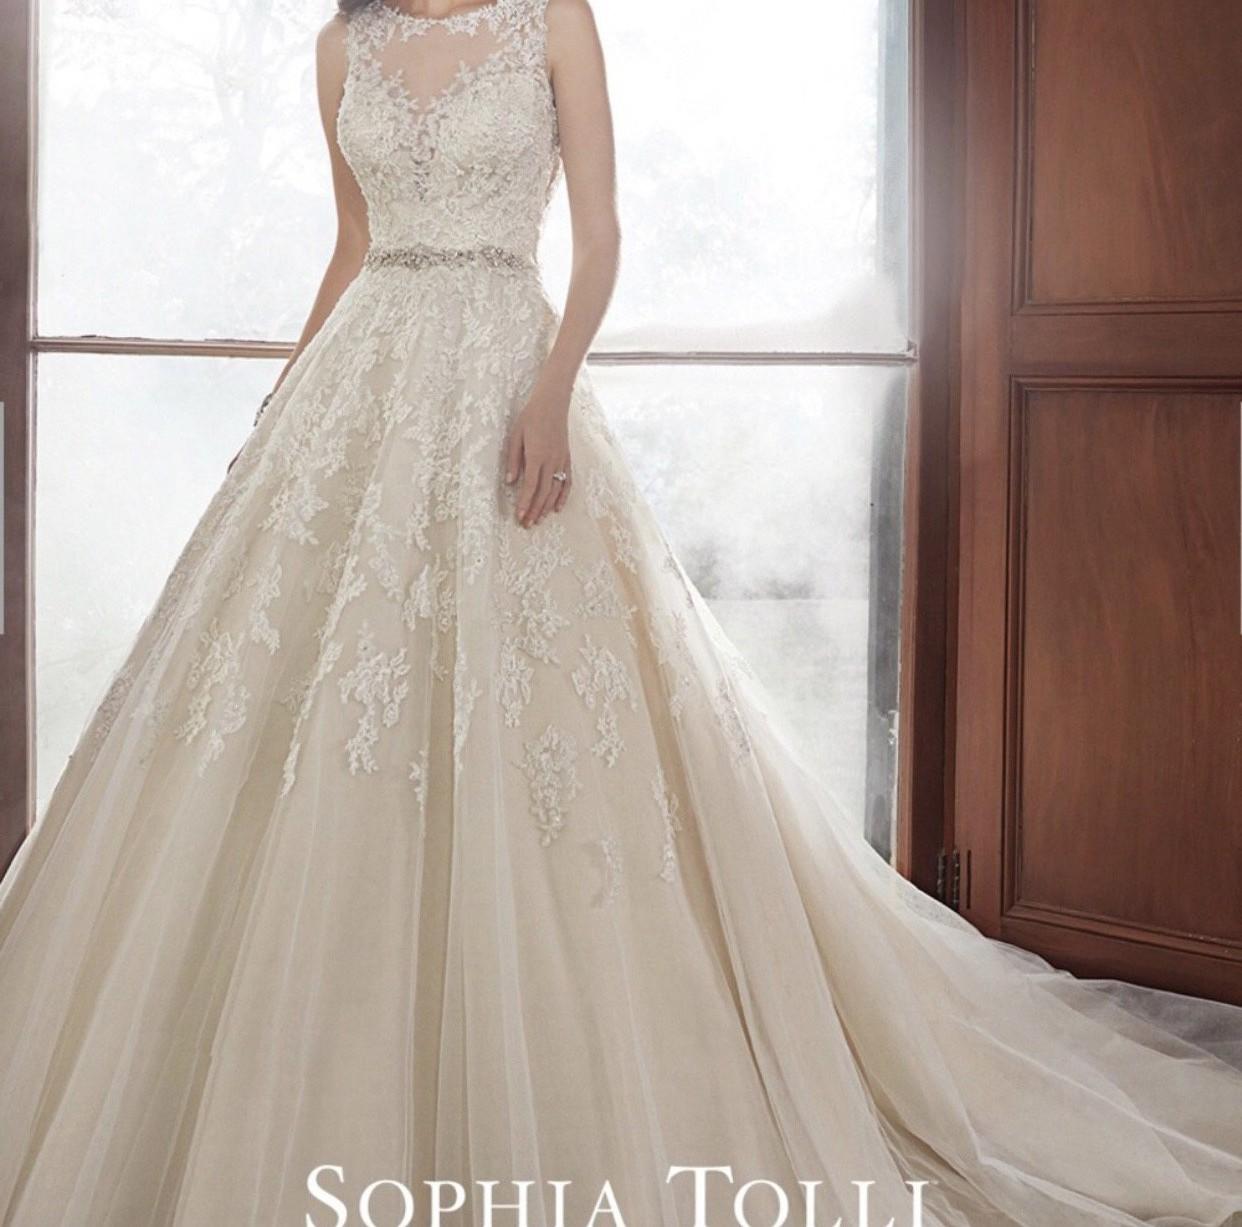 Sophia Tolli Carson-Y21520 New Wedding Dress On Sale 69